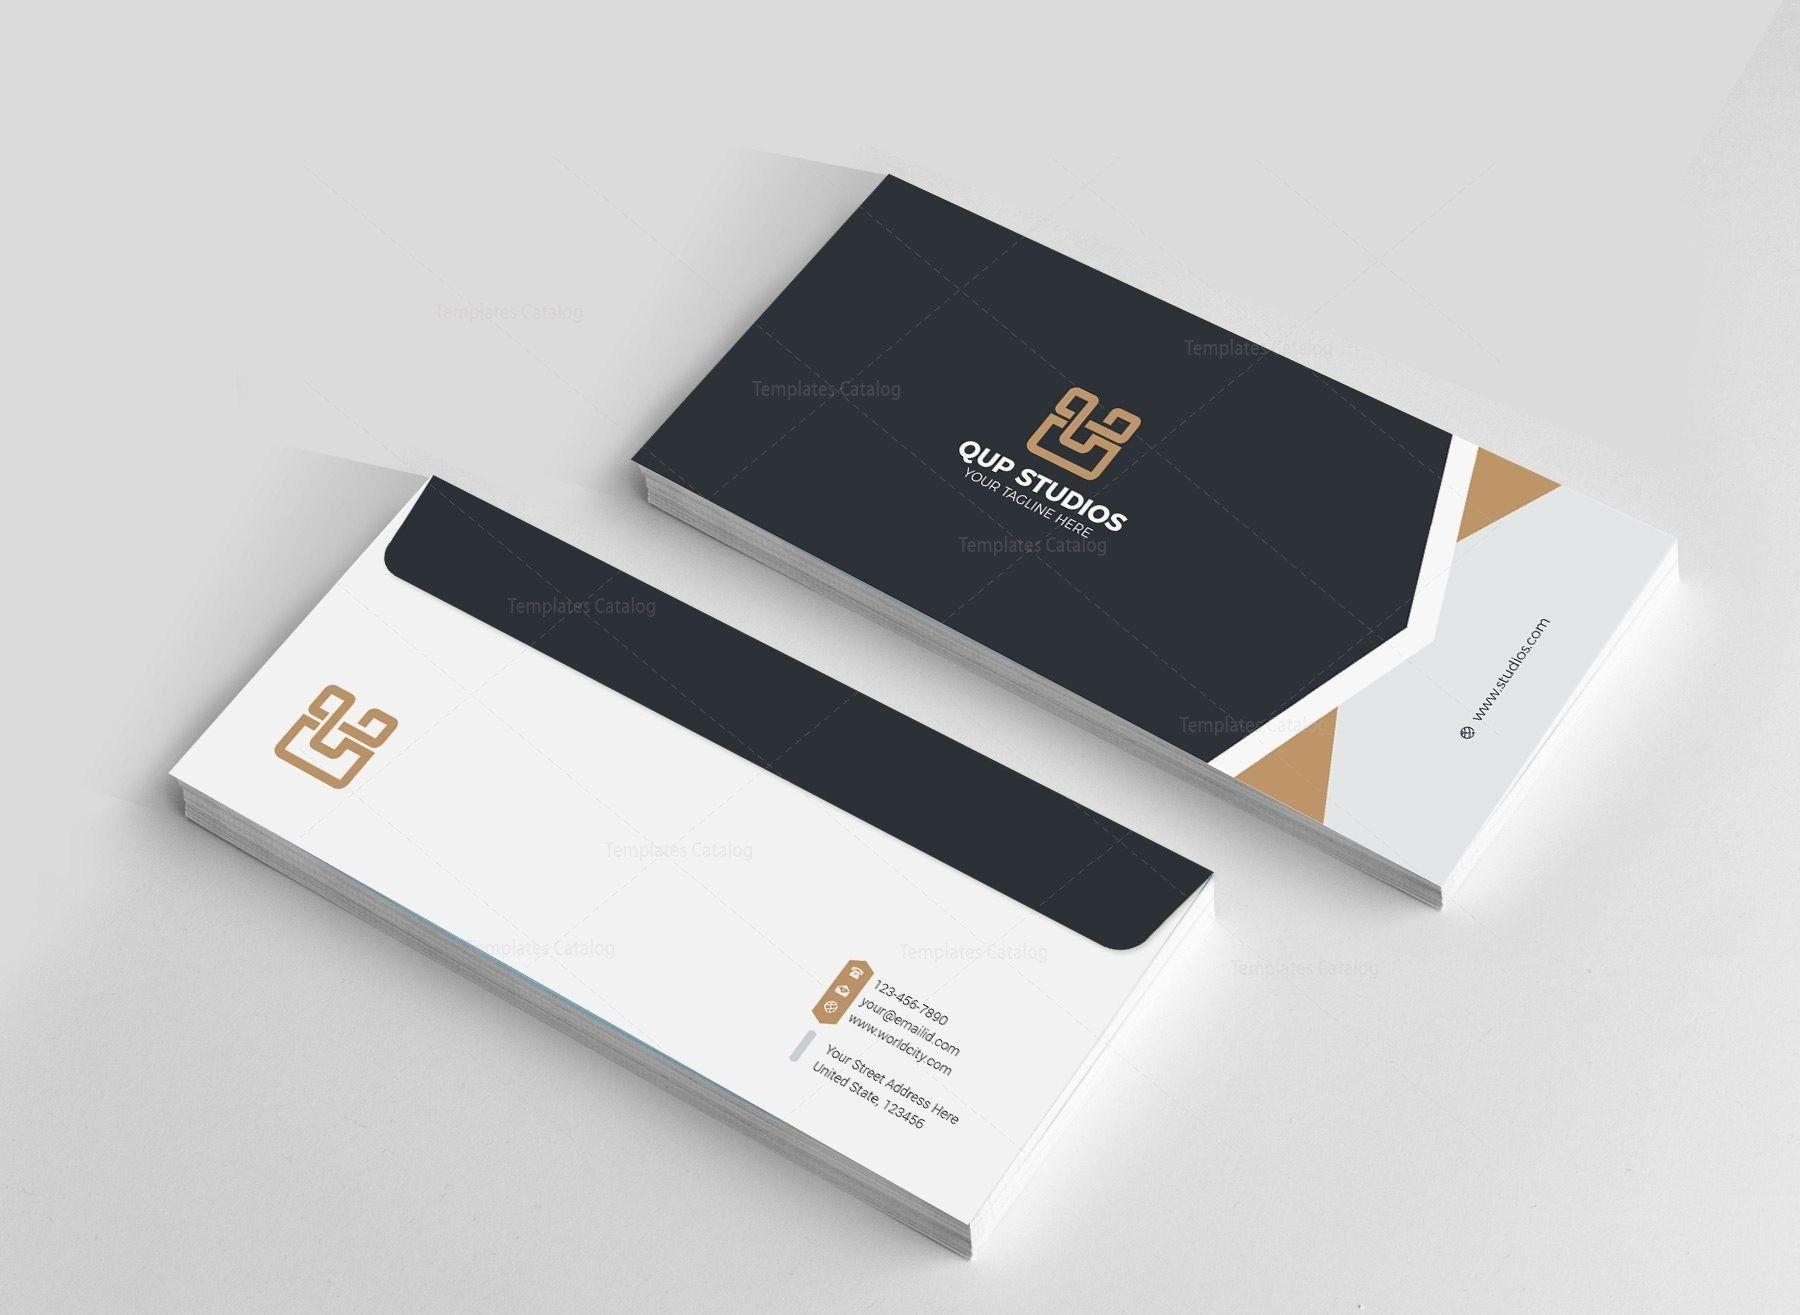 Studio Creative Corporate Identity Template - Graphic Mega | Graphic Templates Store